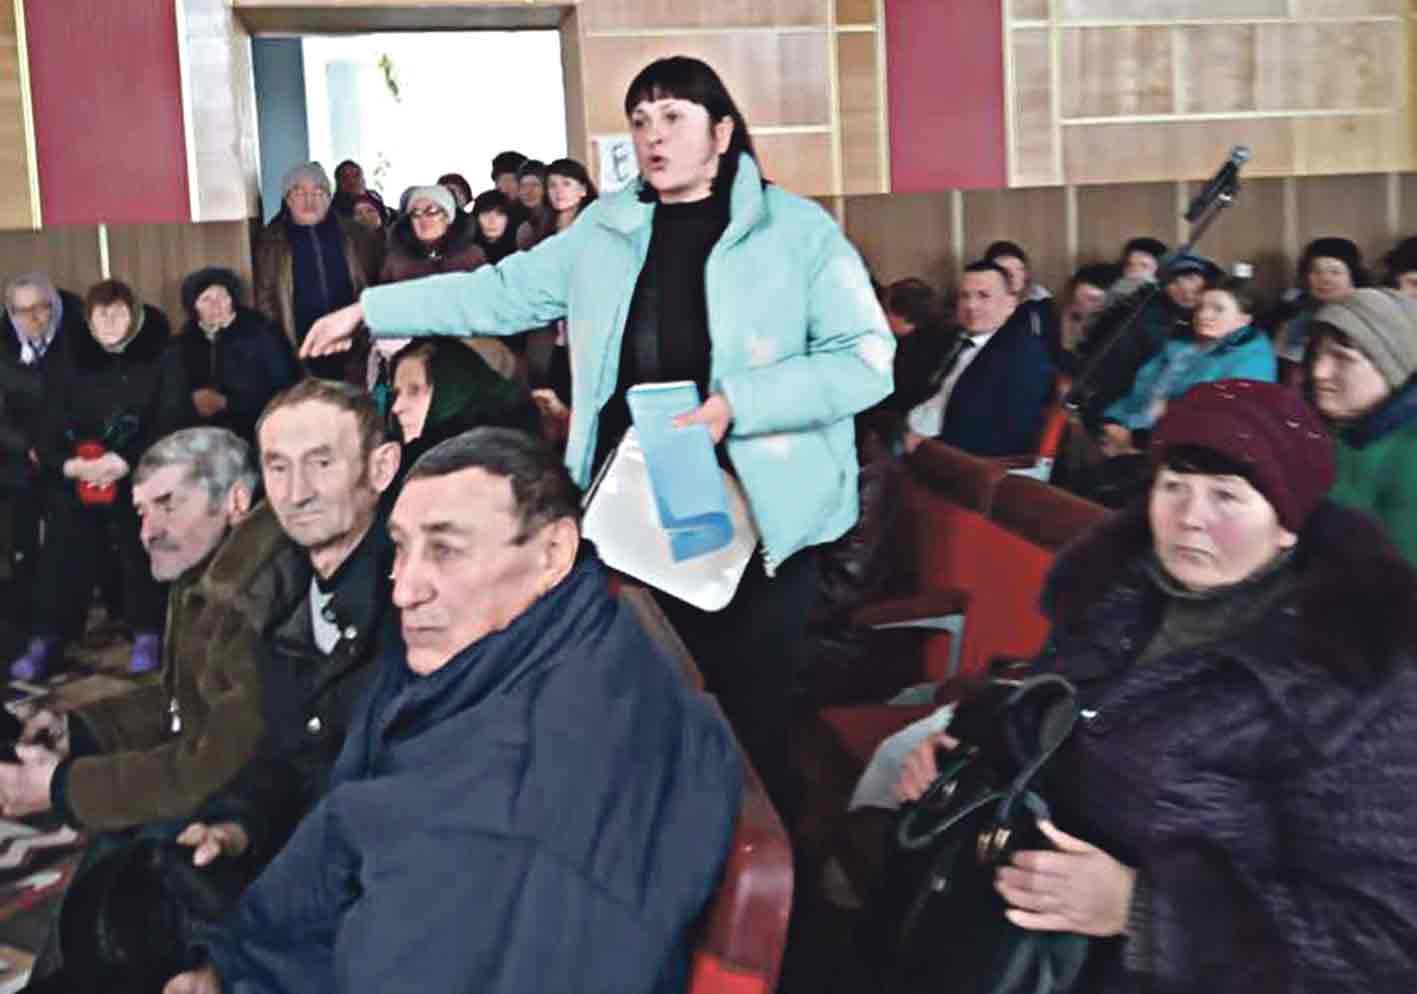 Керівнику Липовецької лікарні висловили недовіру – Тут з вини лікарів померло 4 пацієнти, – підтвердила Л.Грабович і стала на бік жителів району